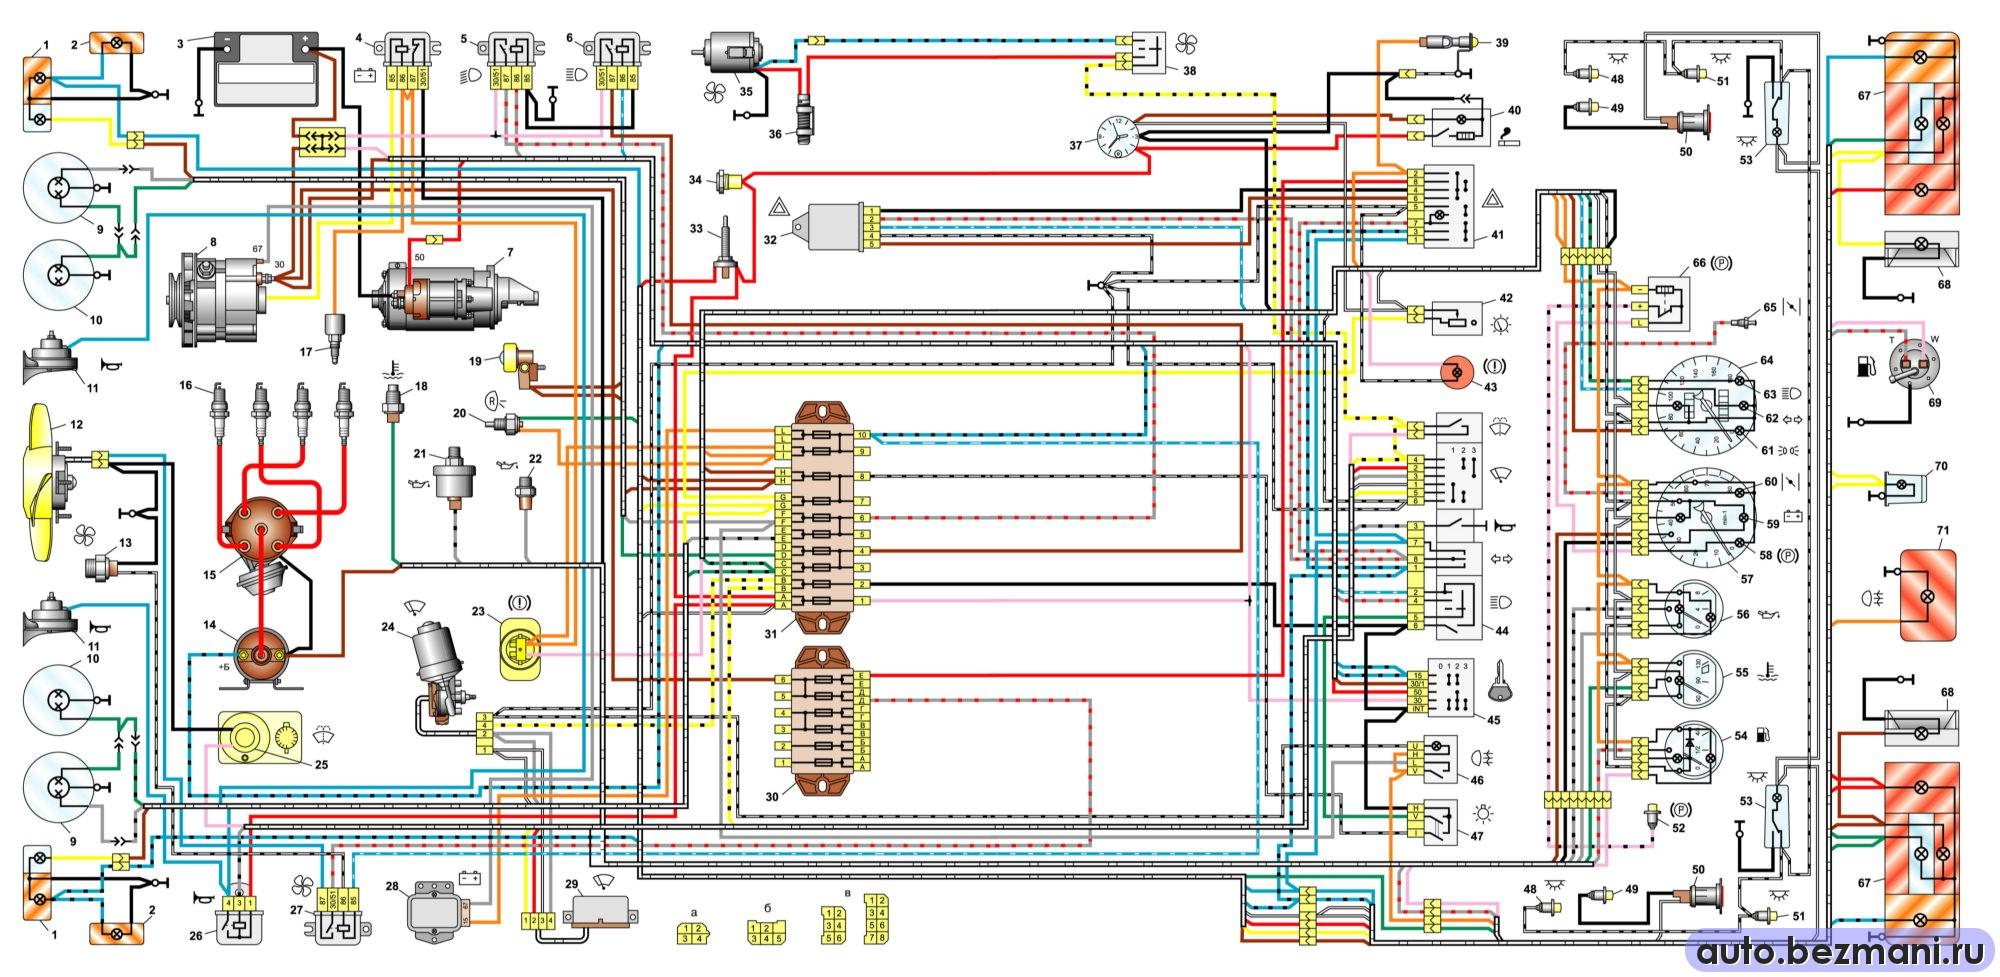 электрическая схема автомобилей ВАЗ-2106, ВАЗ-21061, ВАЗ-21063 выпуска 1976-1987 гг